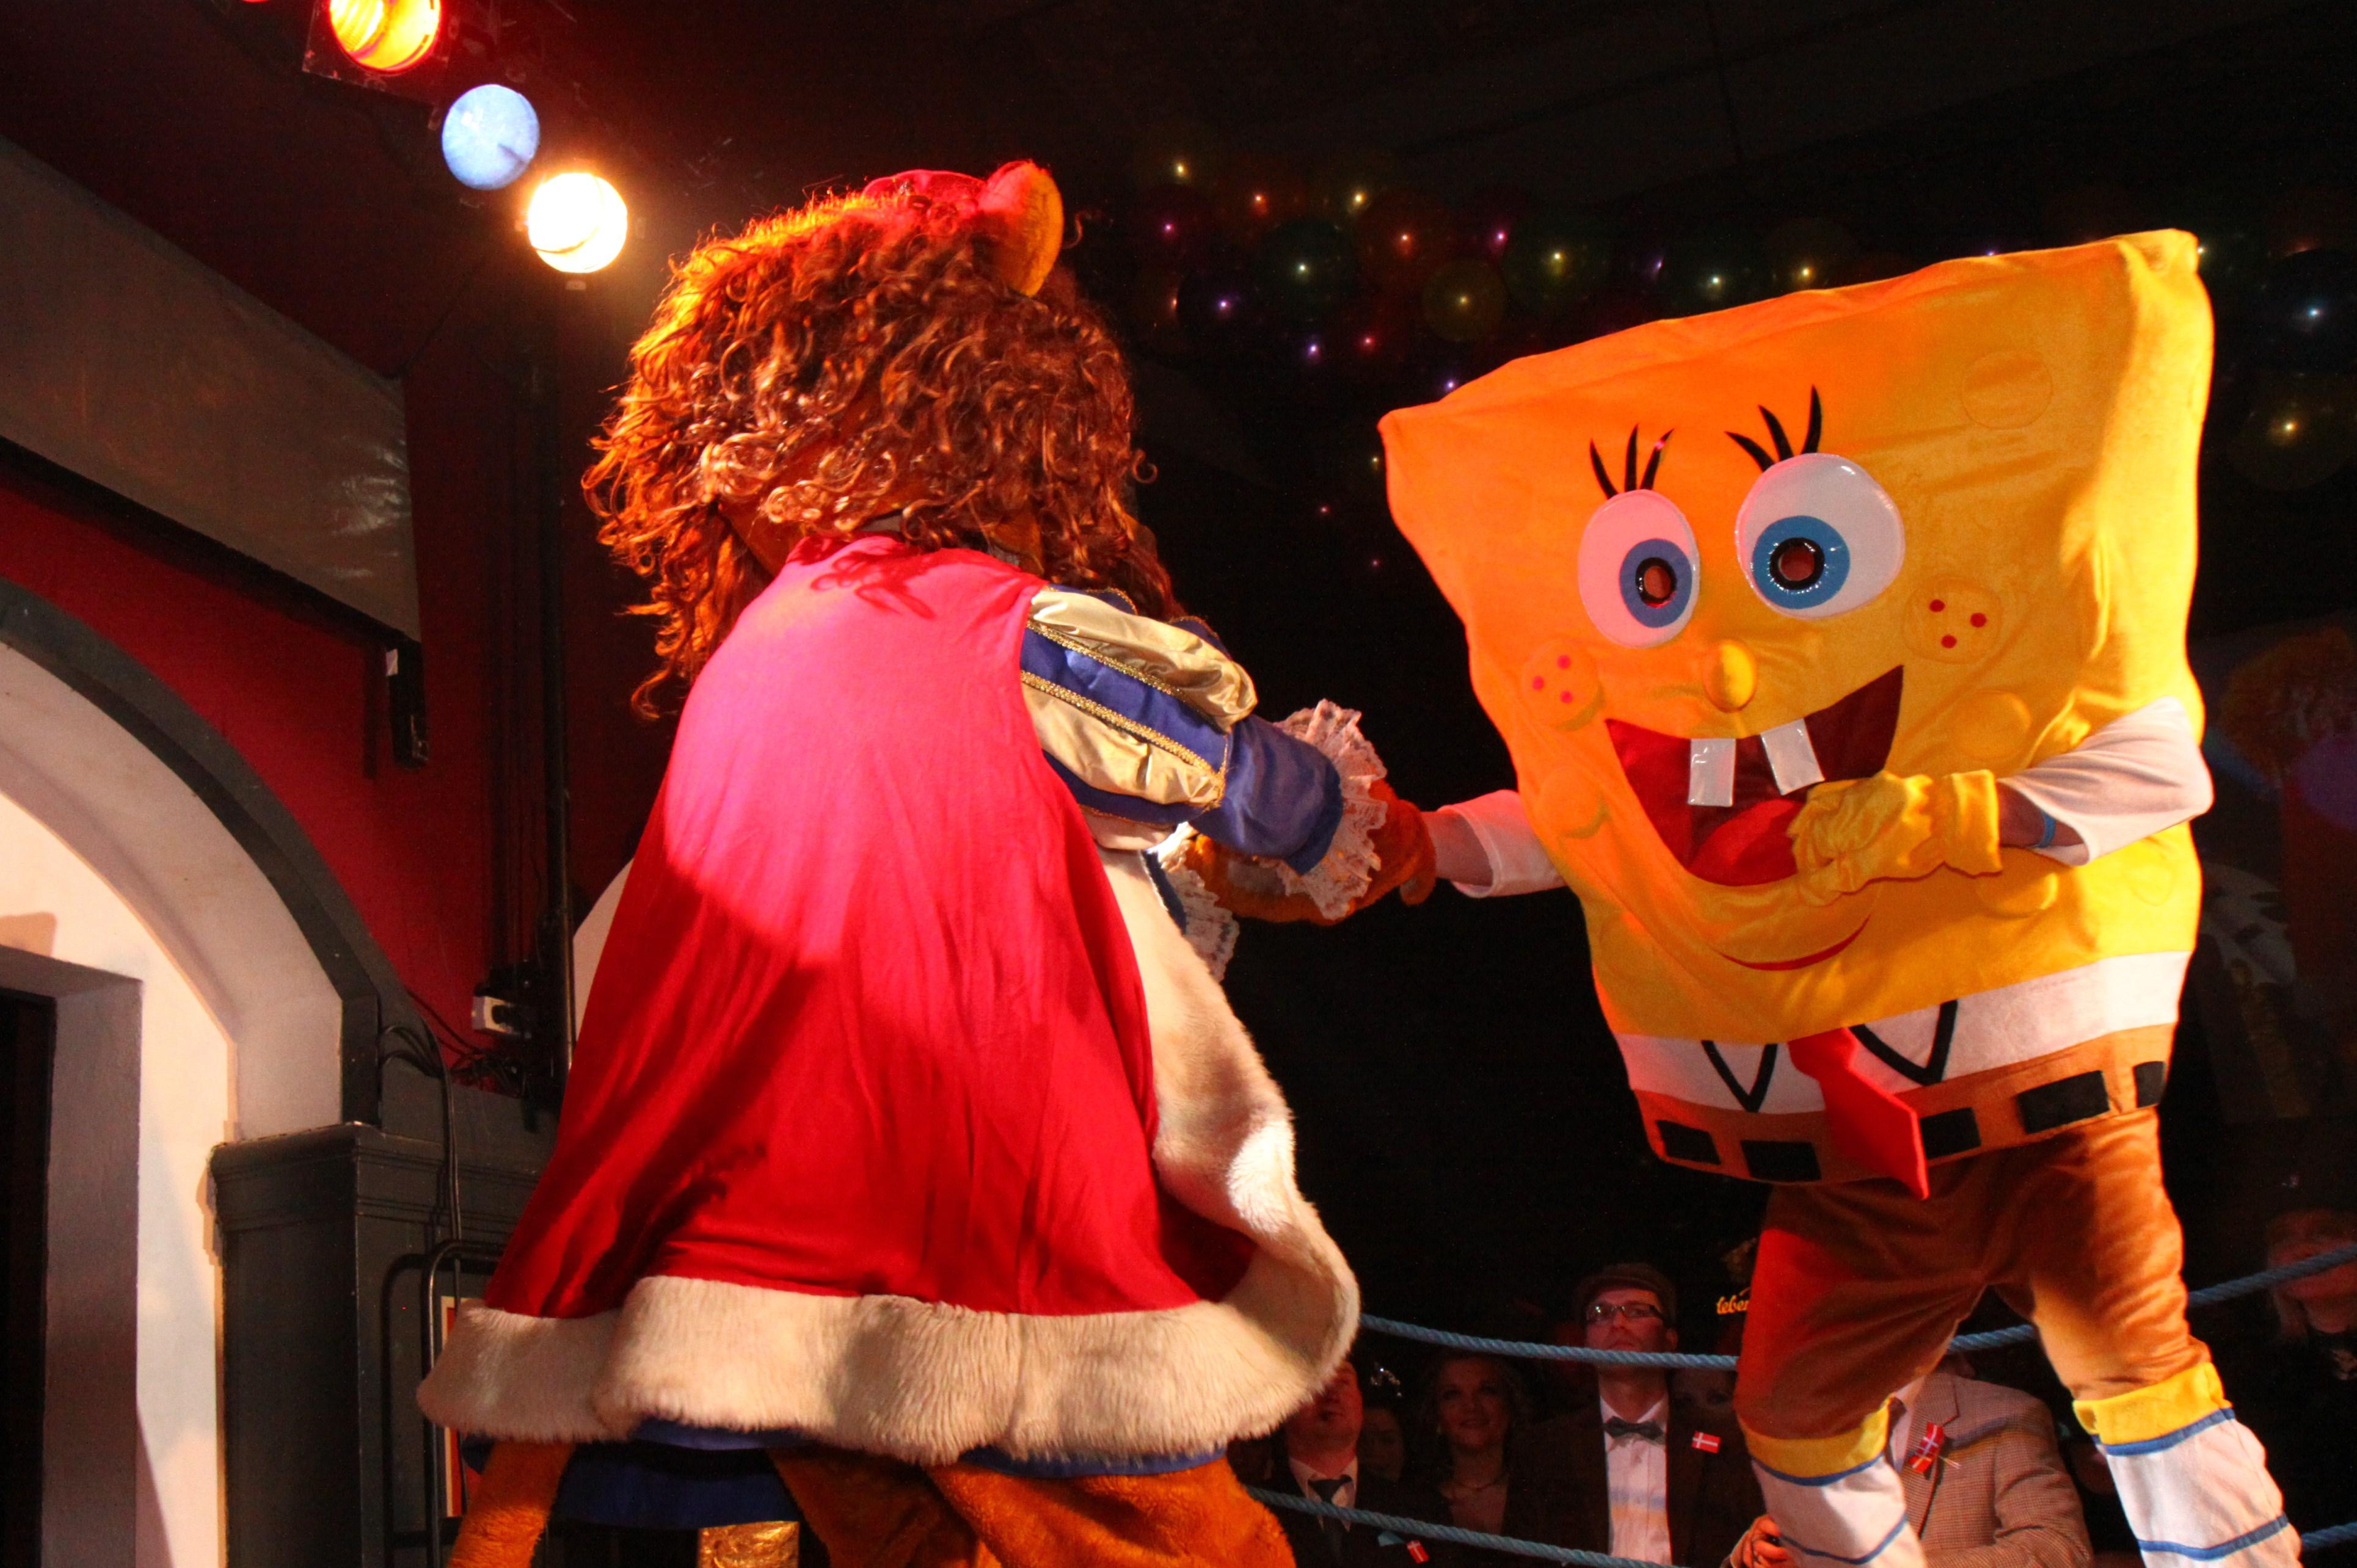 Spongebob und King Loui Kämpfen wie echte Männer!